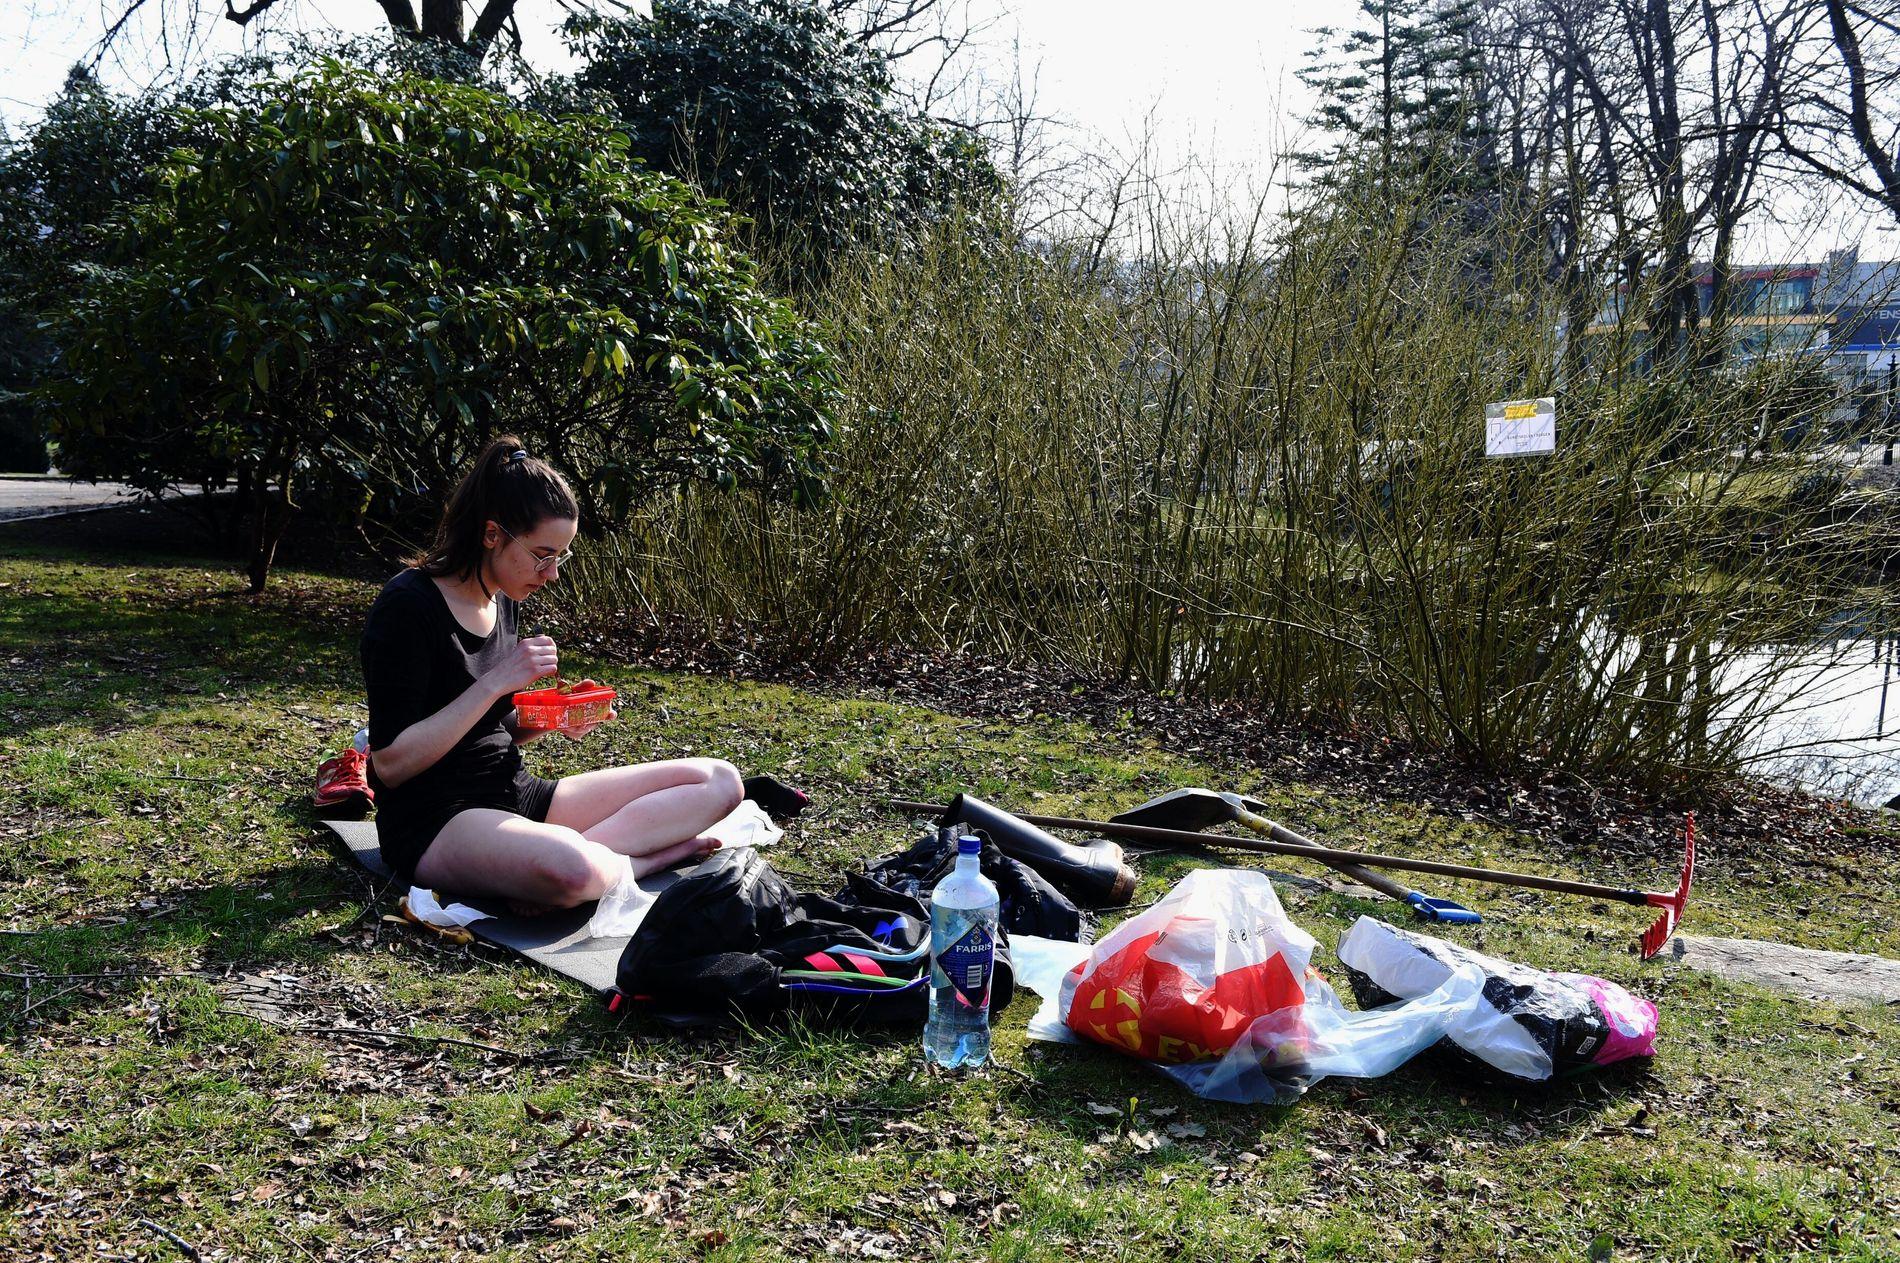 VÅR: Ingen grønne blader på trærne ennå, men torsdag var Agate Budzan i full gang med å feire første vårdag i Nygårdsparken.